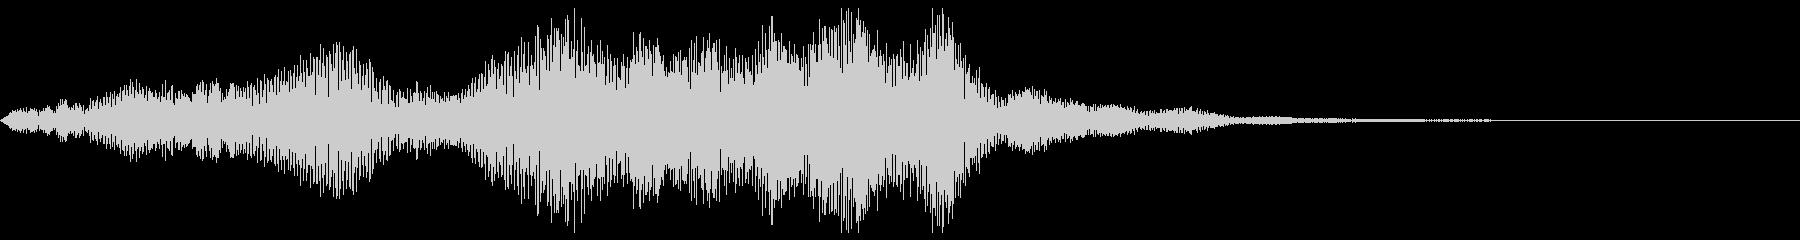 不安音01の未再生の波形